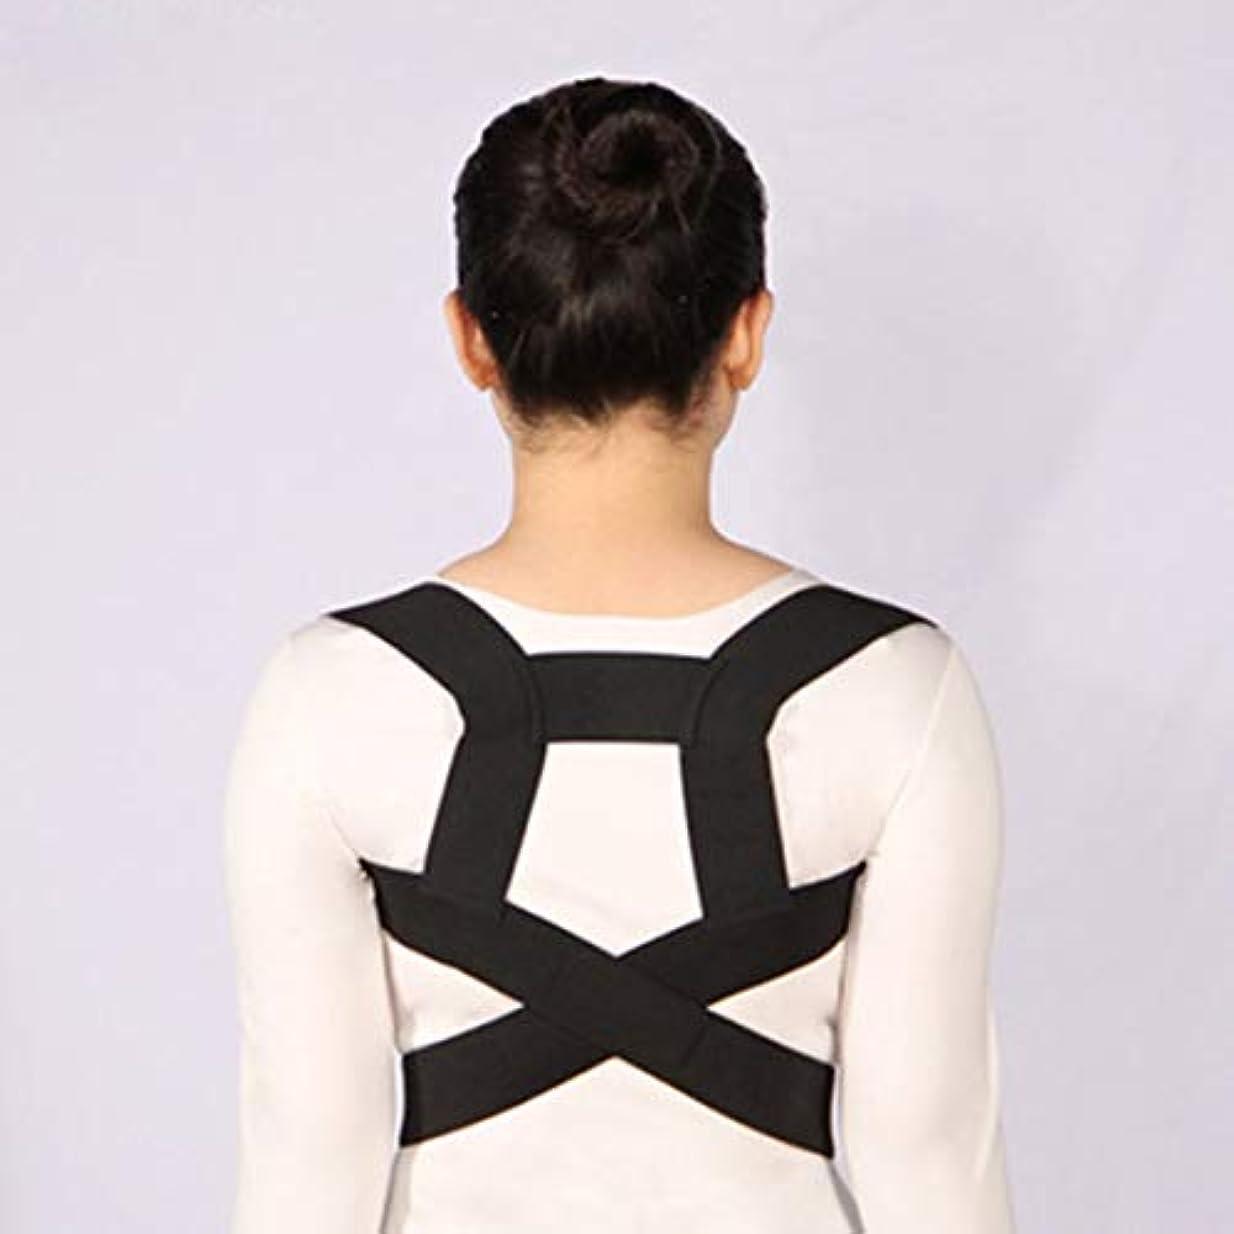 談話模索不測の事態姿勢矯正側弯症ザトウクジラ補正ベルト調節可能な快適さ目に見えないベルト男性女性大人シンプル - 黒